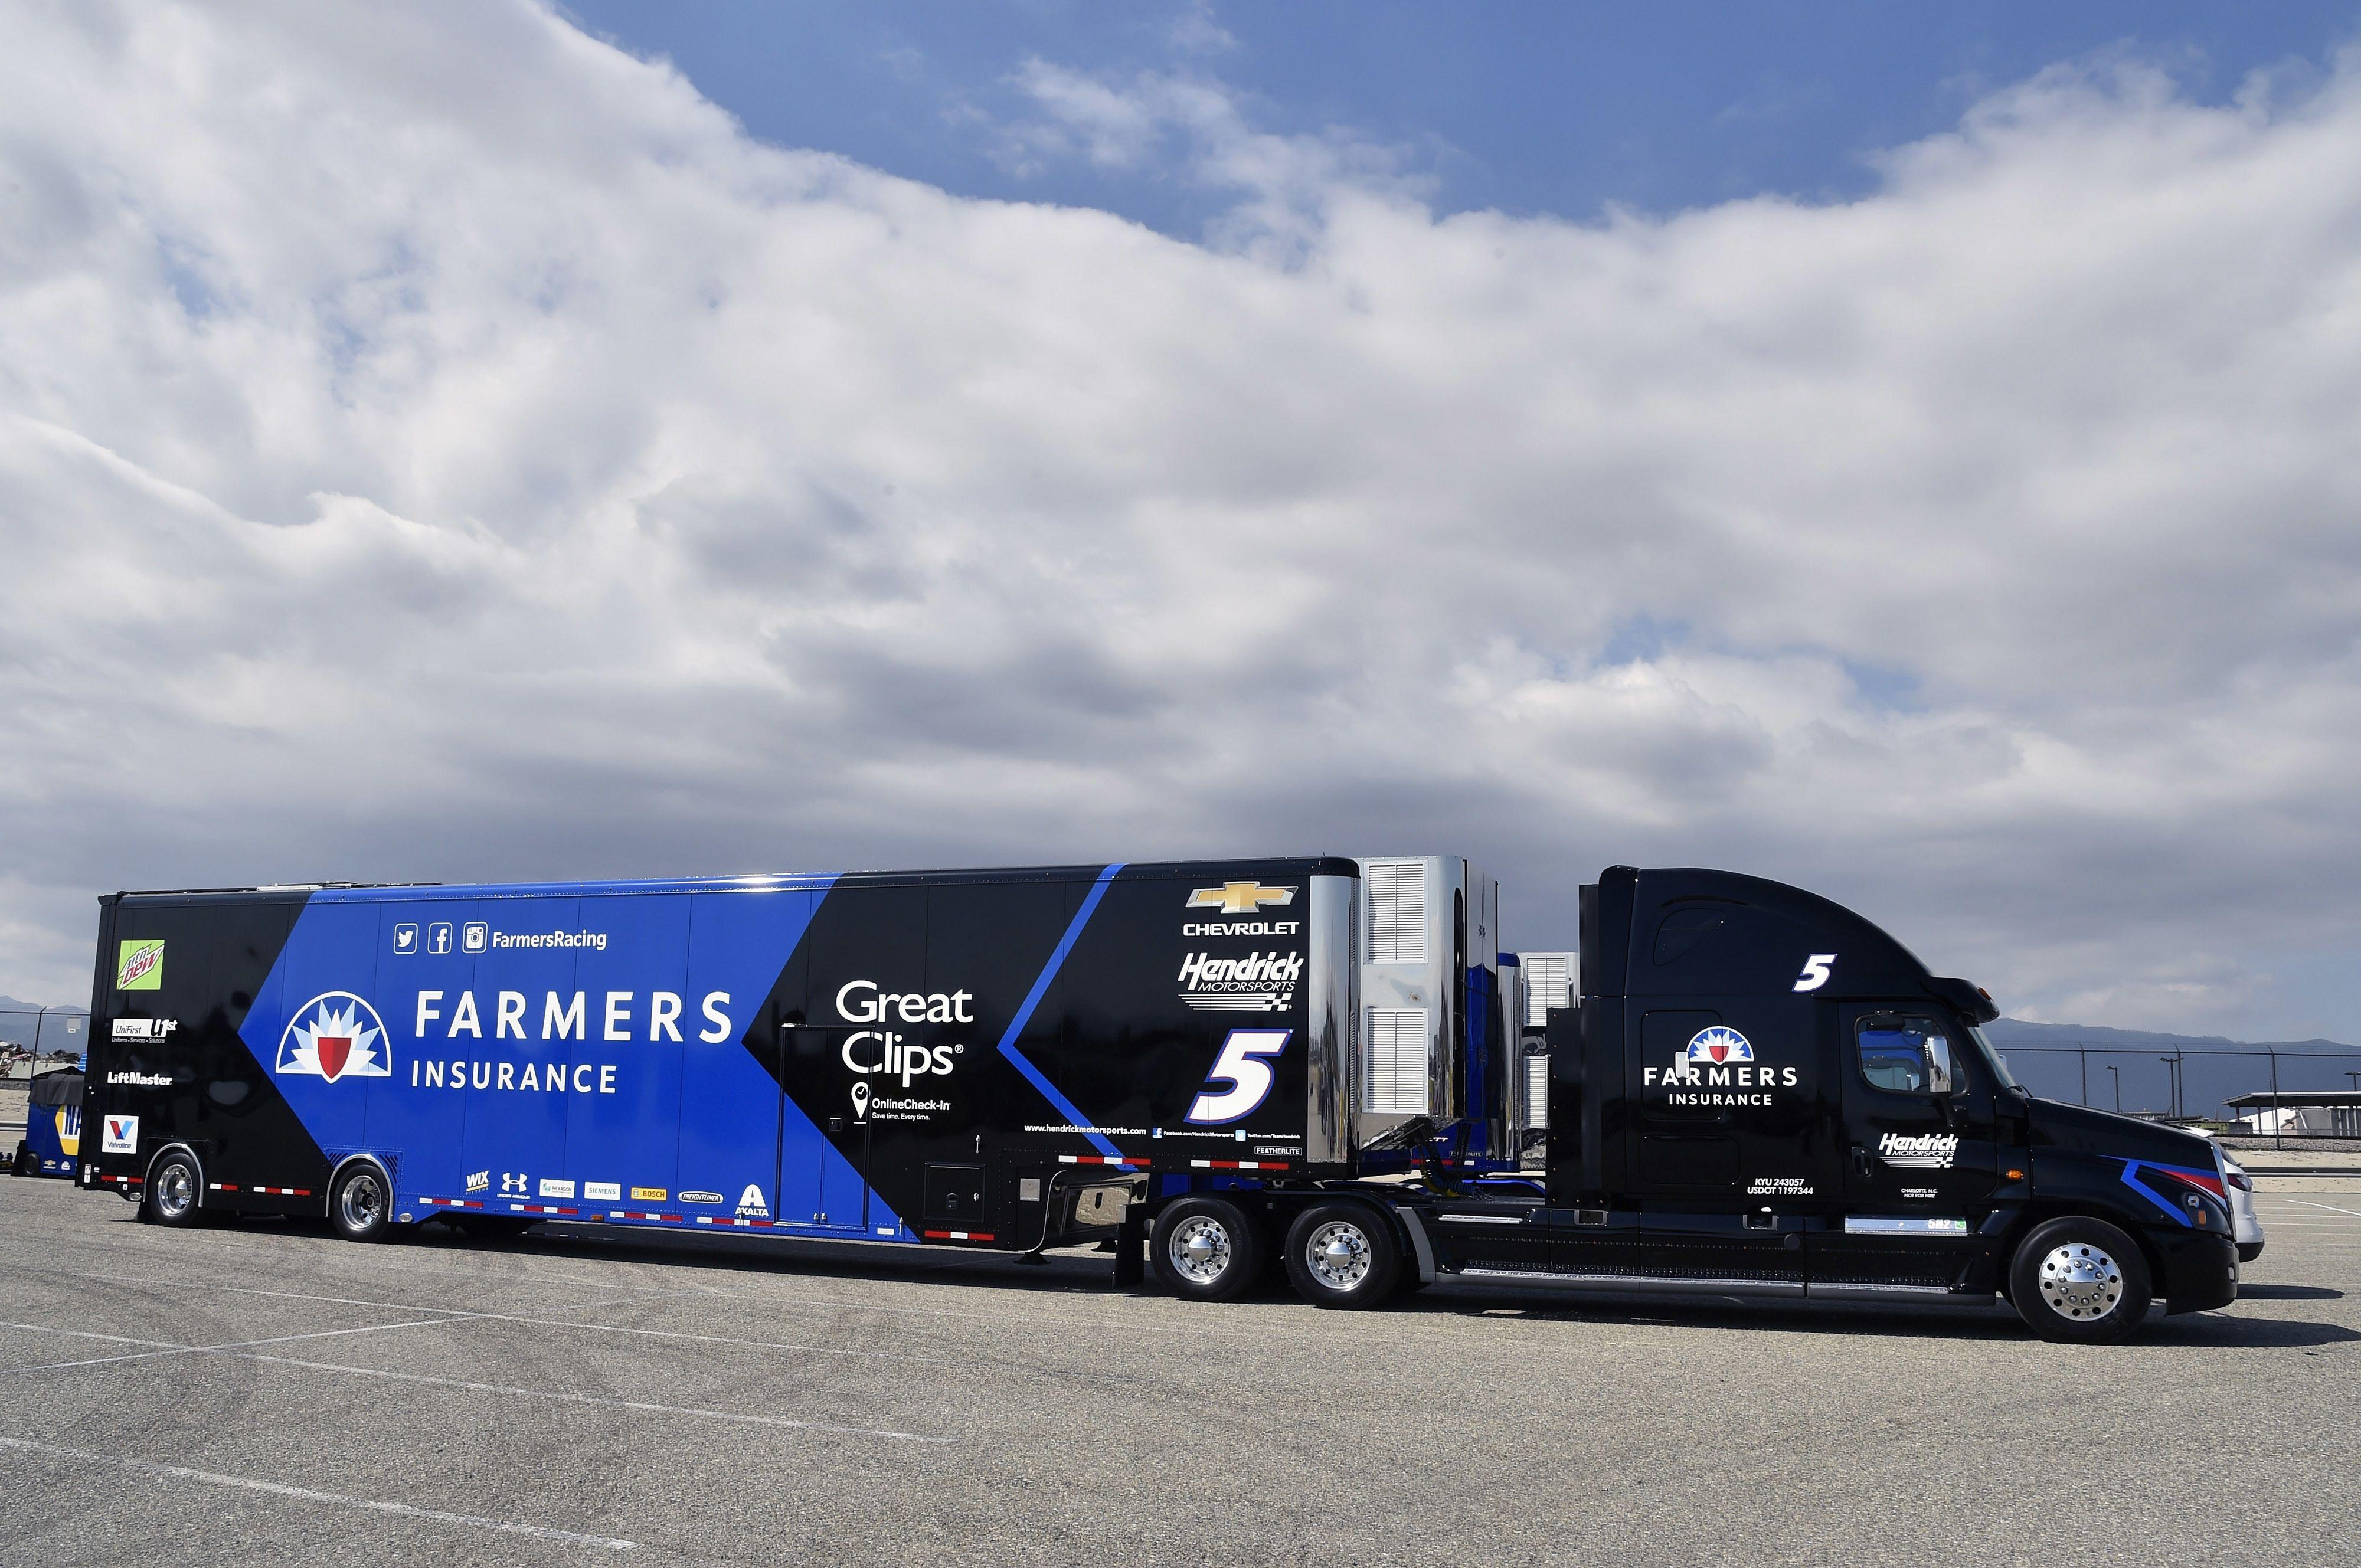 Freightliner hauler nascar transporter farmers